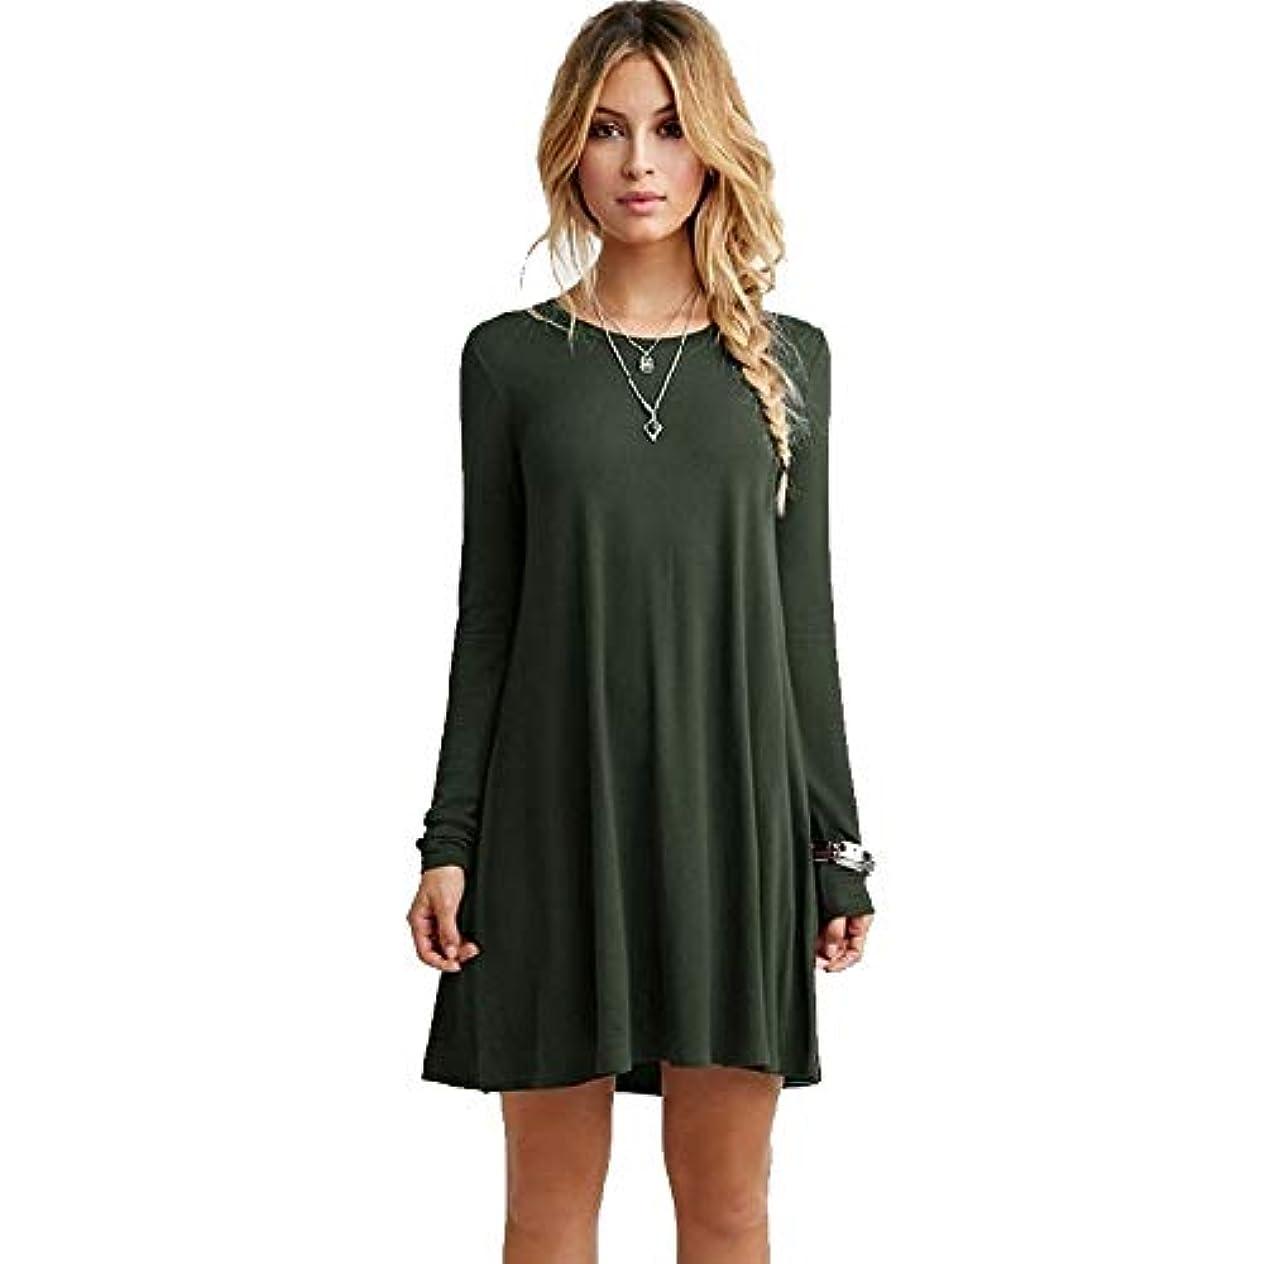 立証する時計流出MIFANルースドレス、プラスサイズのドレス、長袖のドレス、女性のドレス、秋のドレス、マキシドレス、コットンドレス